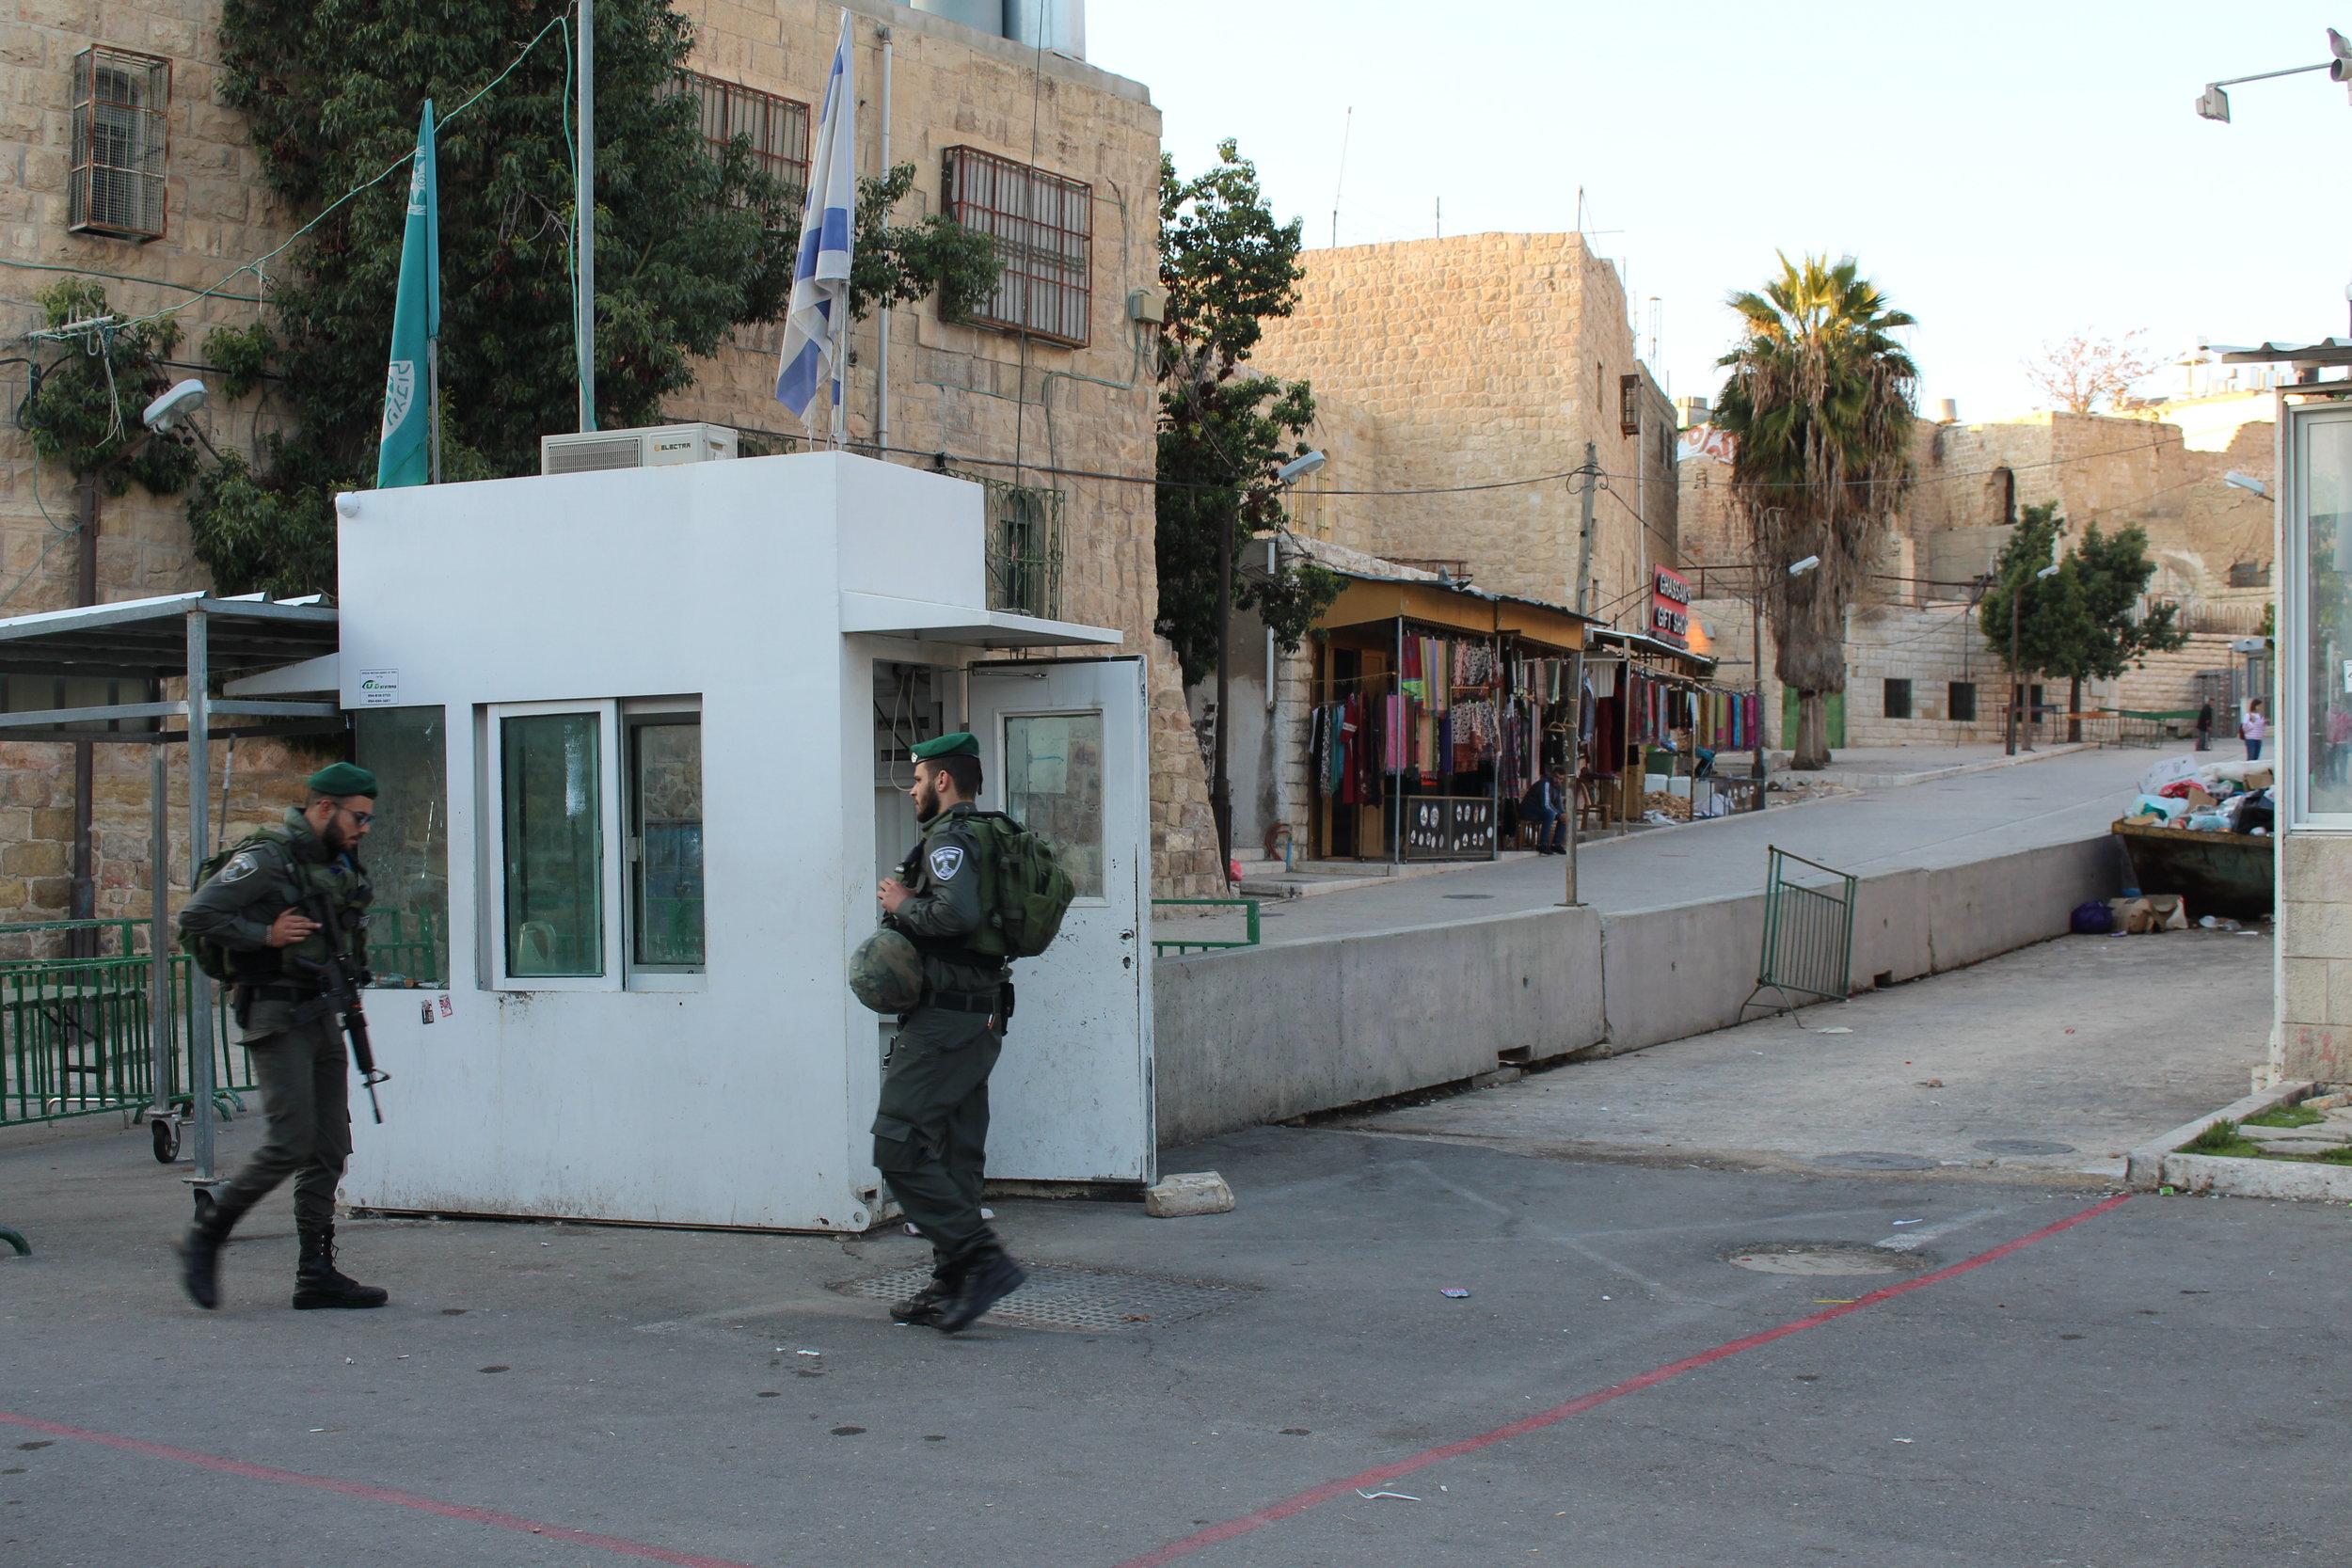 Hebron - bezetting is overal zichbaar 2.JPG